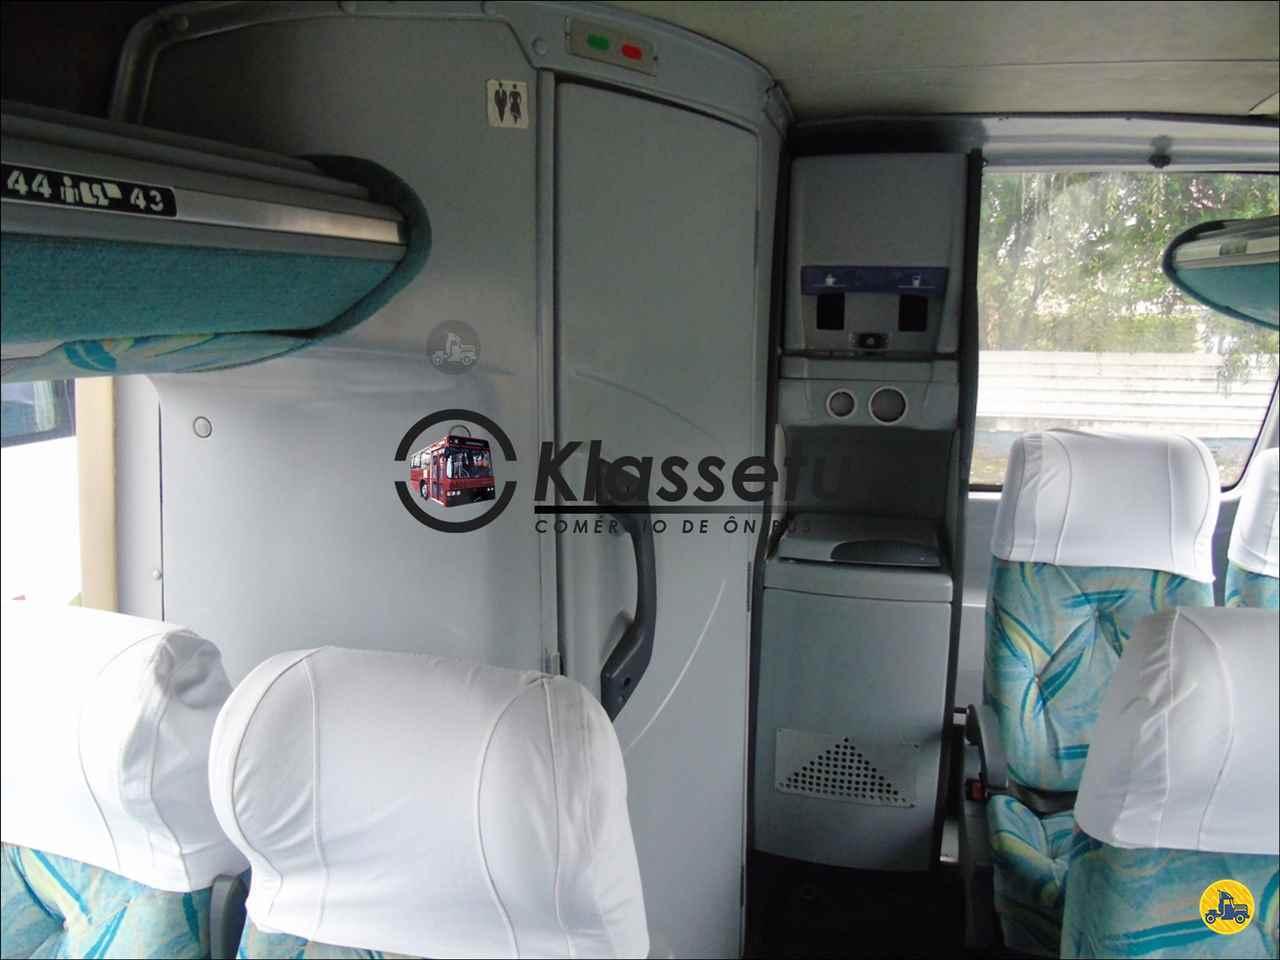 BUSSCAR Vissta Buss  2005/2005 Klassetur Comércio de Ônibus